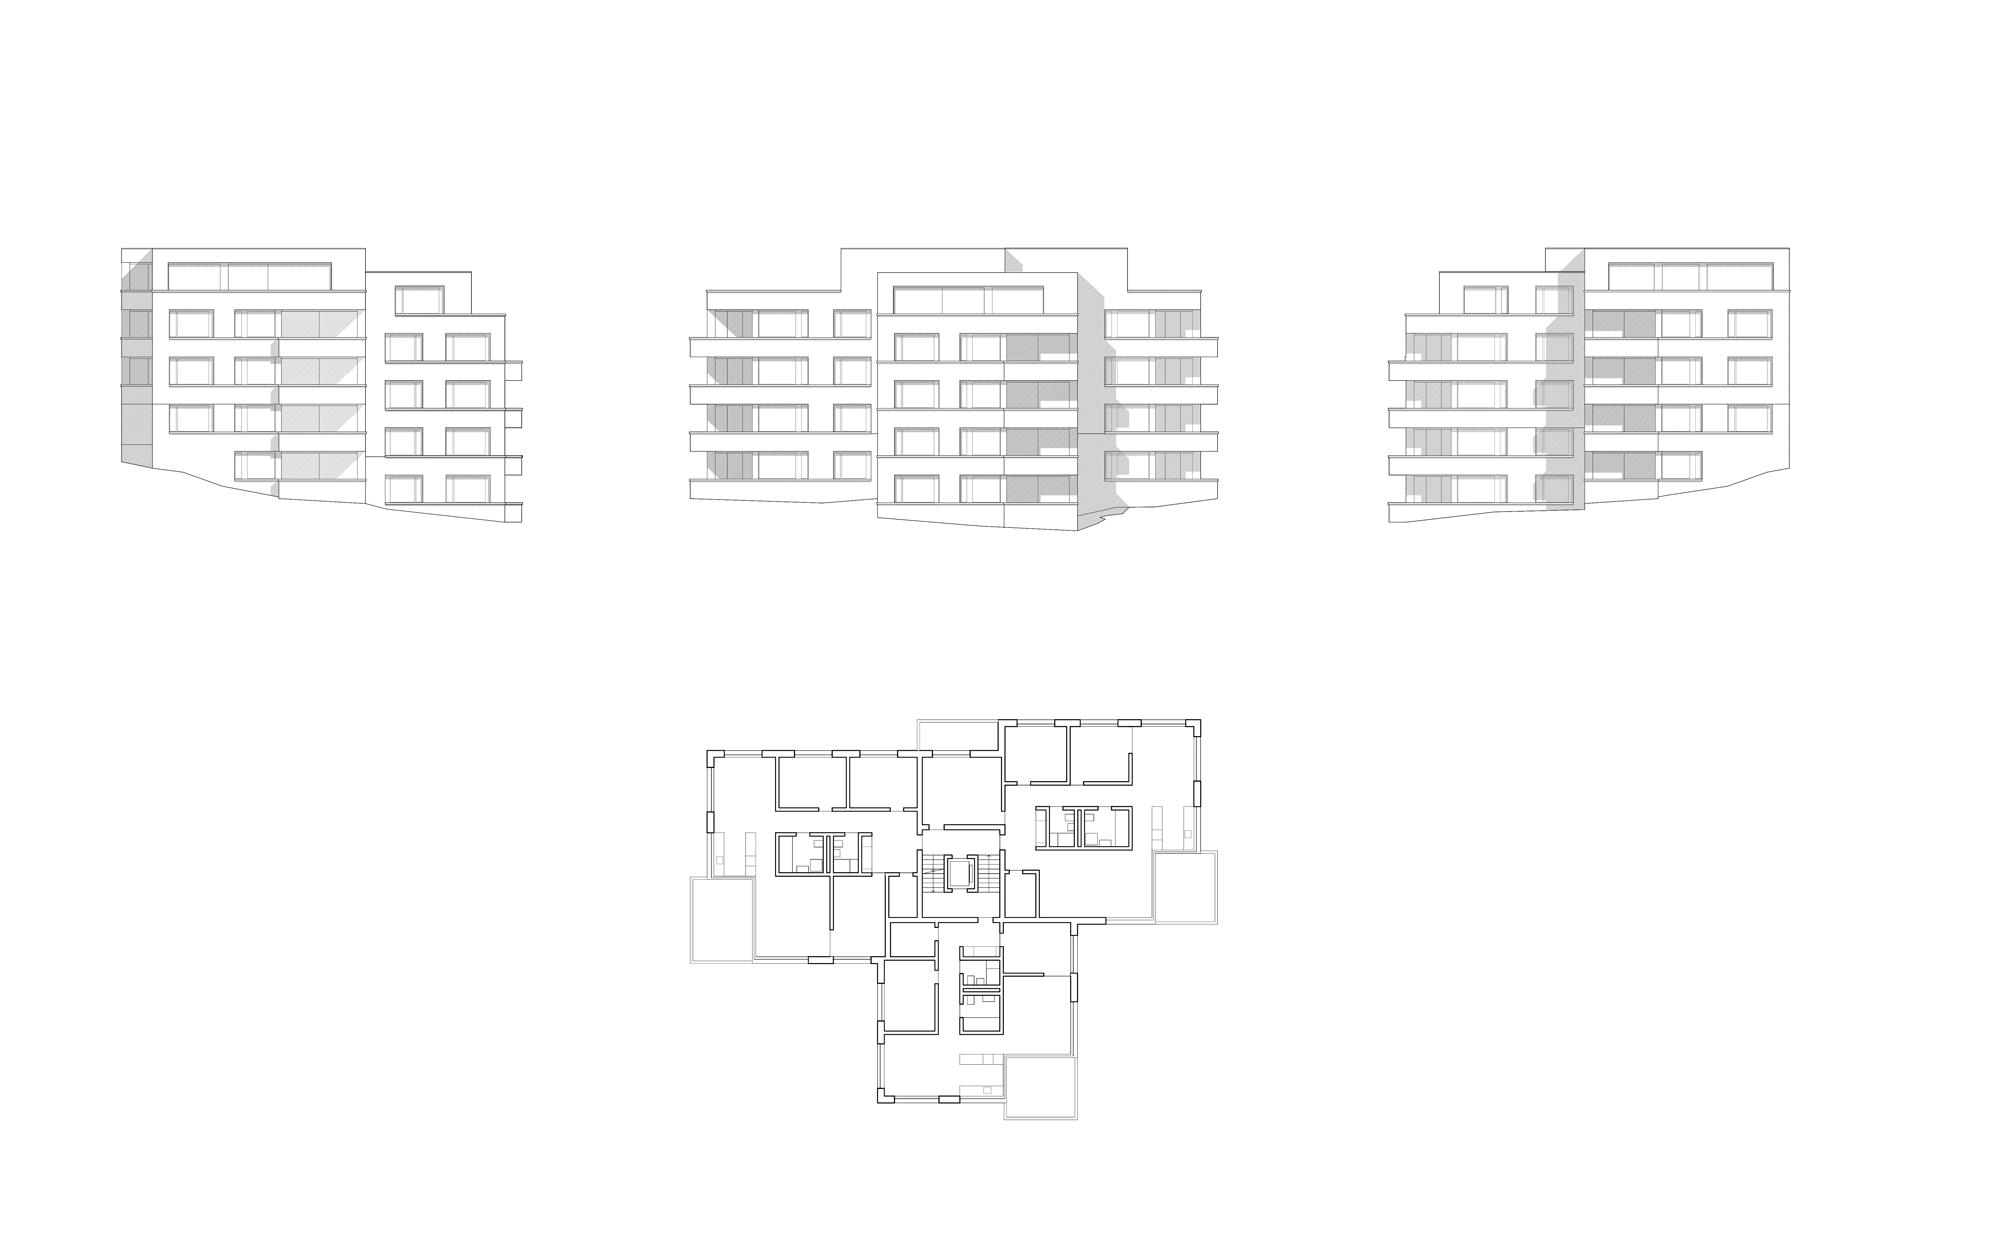 202-Erdgeschoss-Wauwil-Brunnehof-1_200_web.png